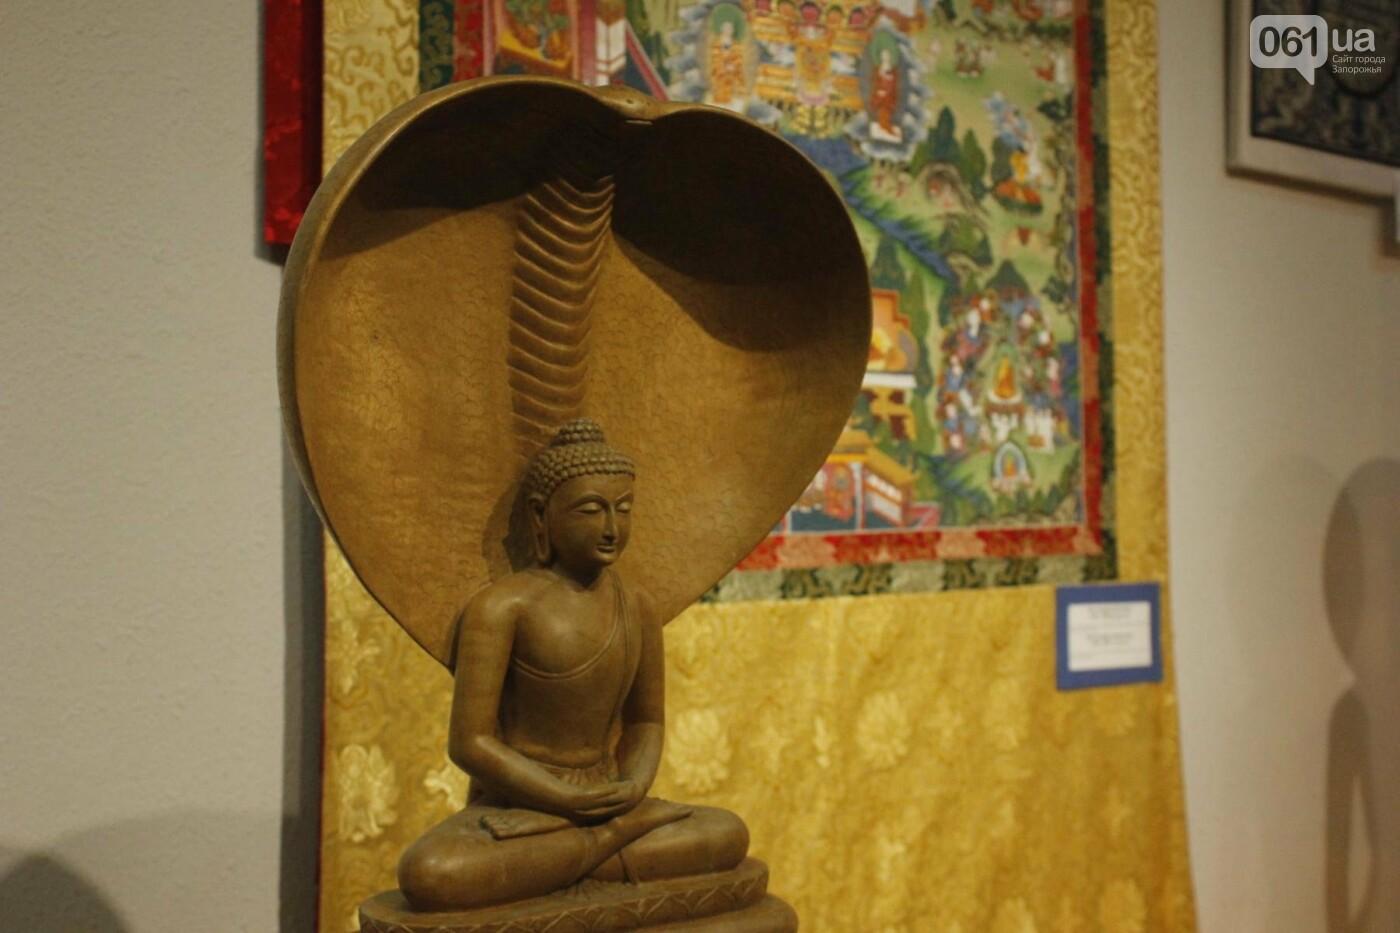 """В Запорожье выставка """"Сокровища Тибета"""" открыла Дни буддийской культуры, - ФОТОРЕПОРТАЖ, фото-17"""